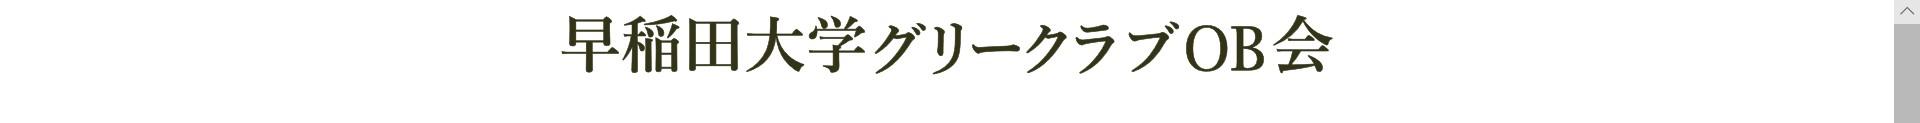 早稲田大学グリークラブOB会